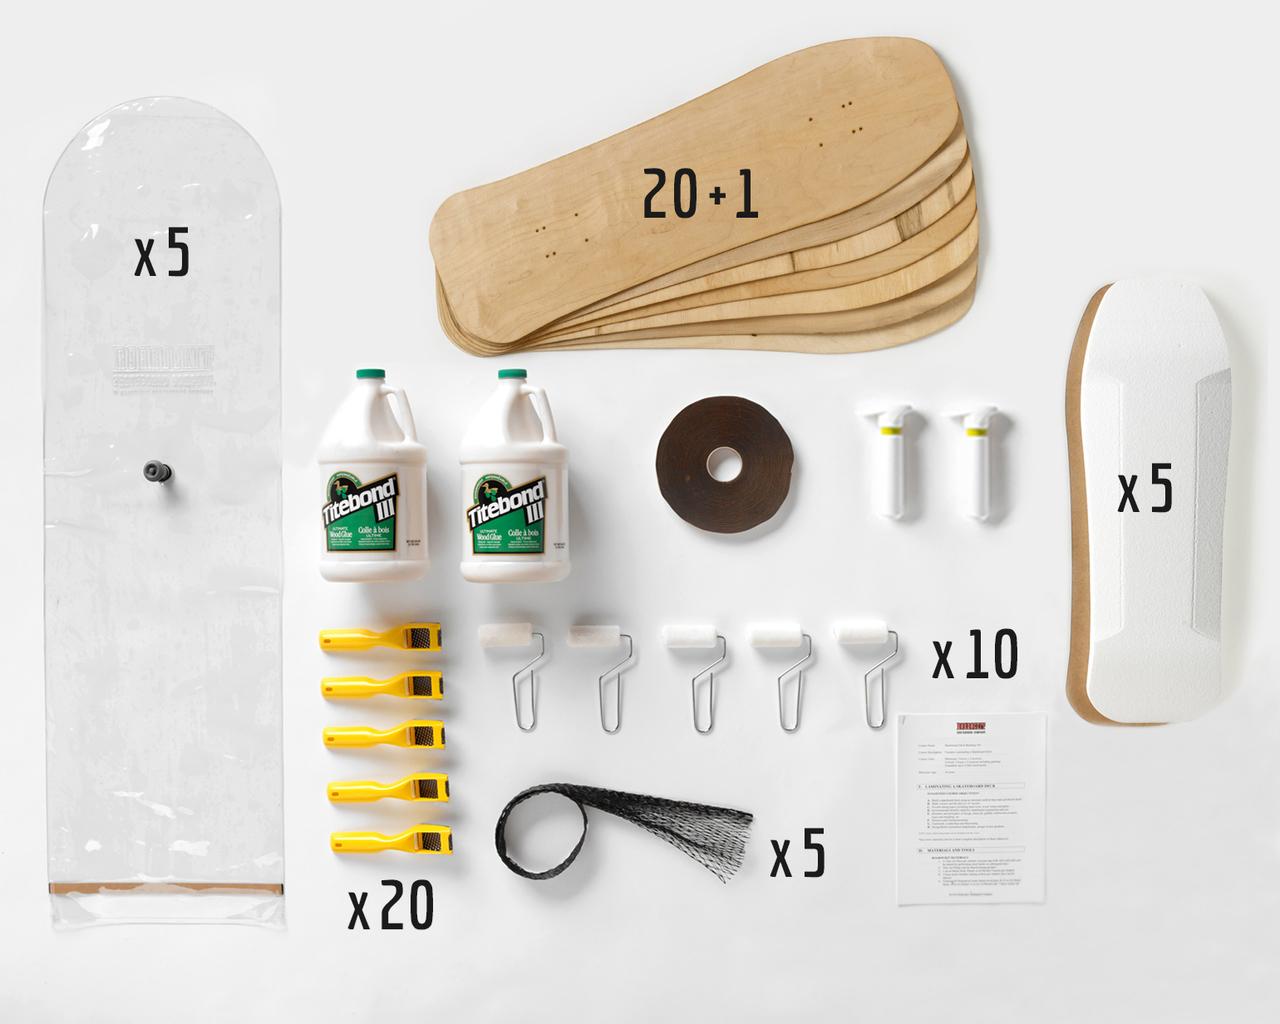 mos20-sp-school-multipack-oldschool-20-1540.jpg